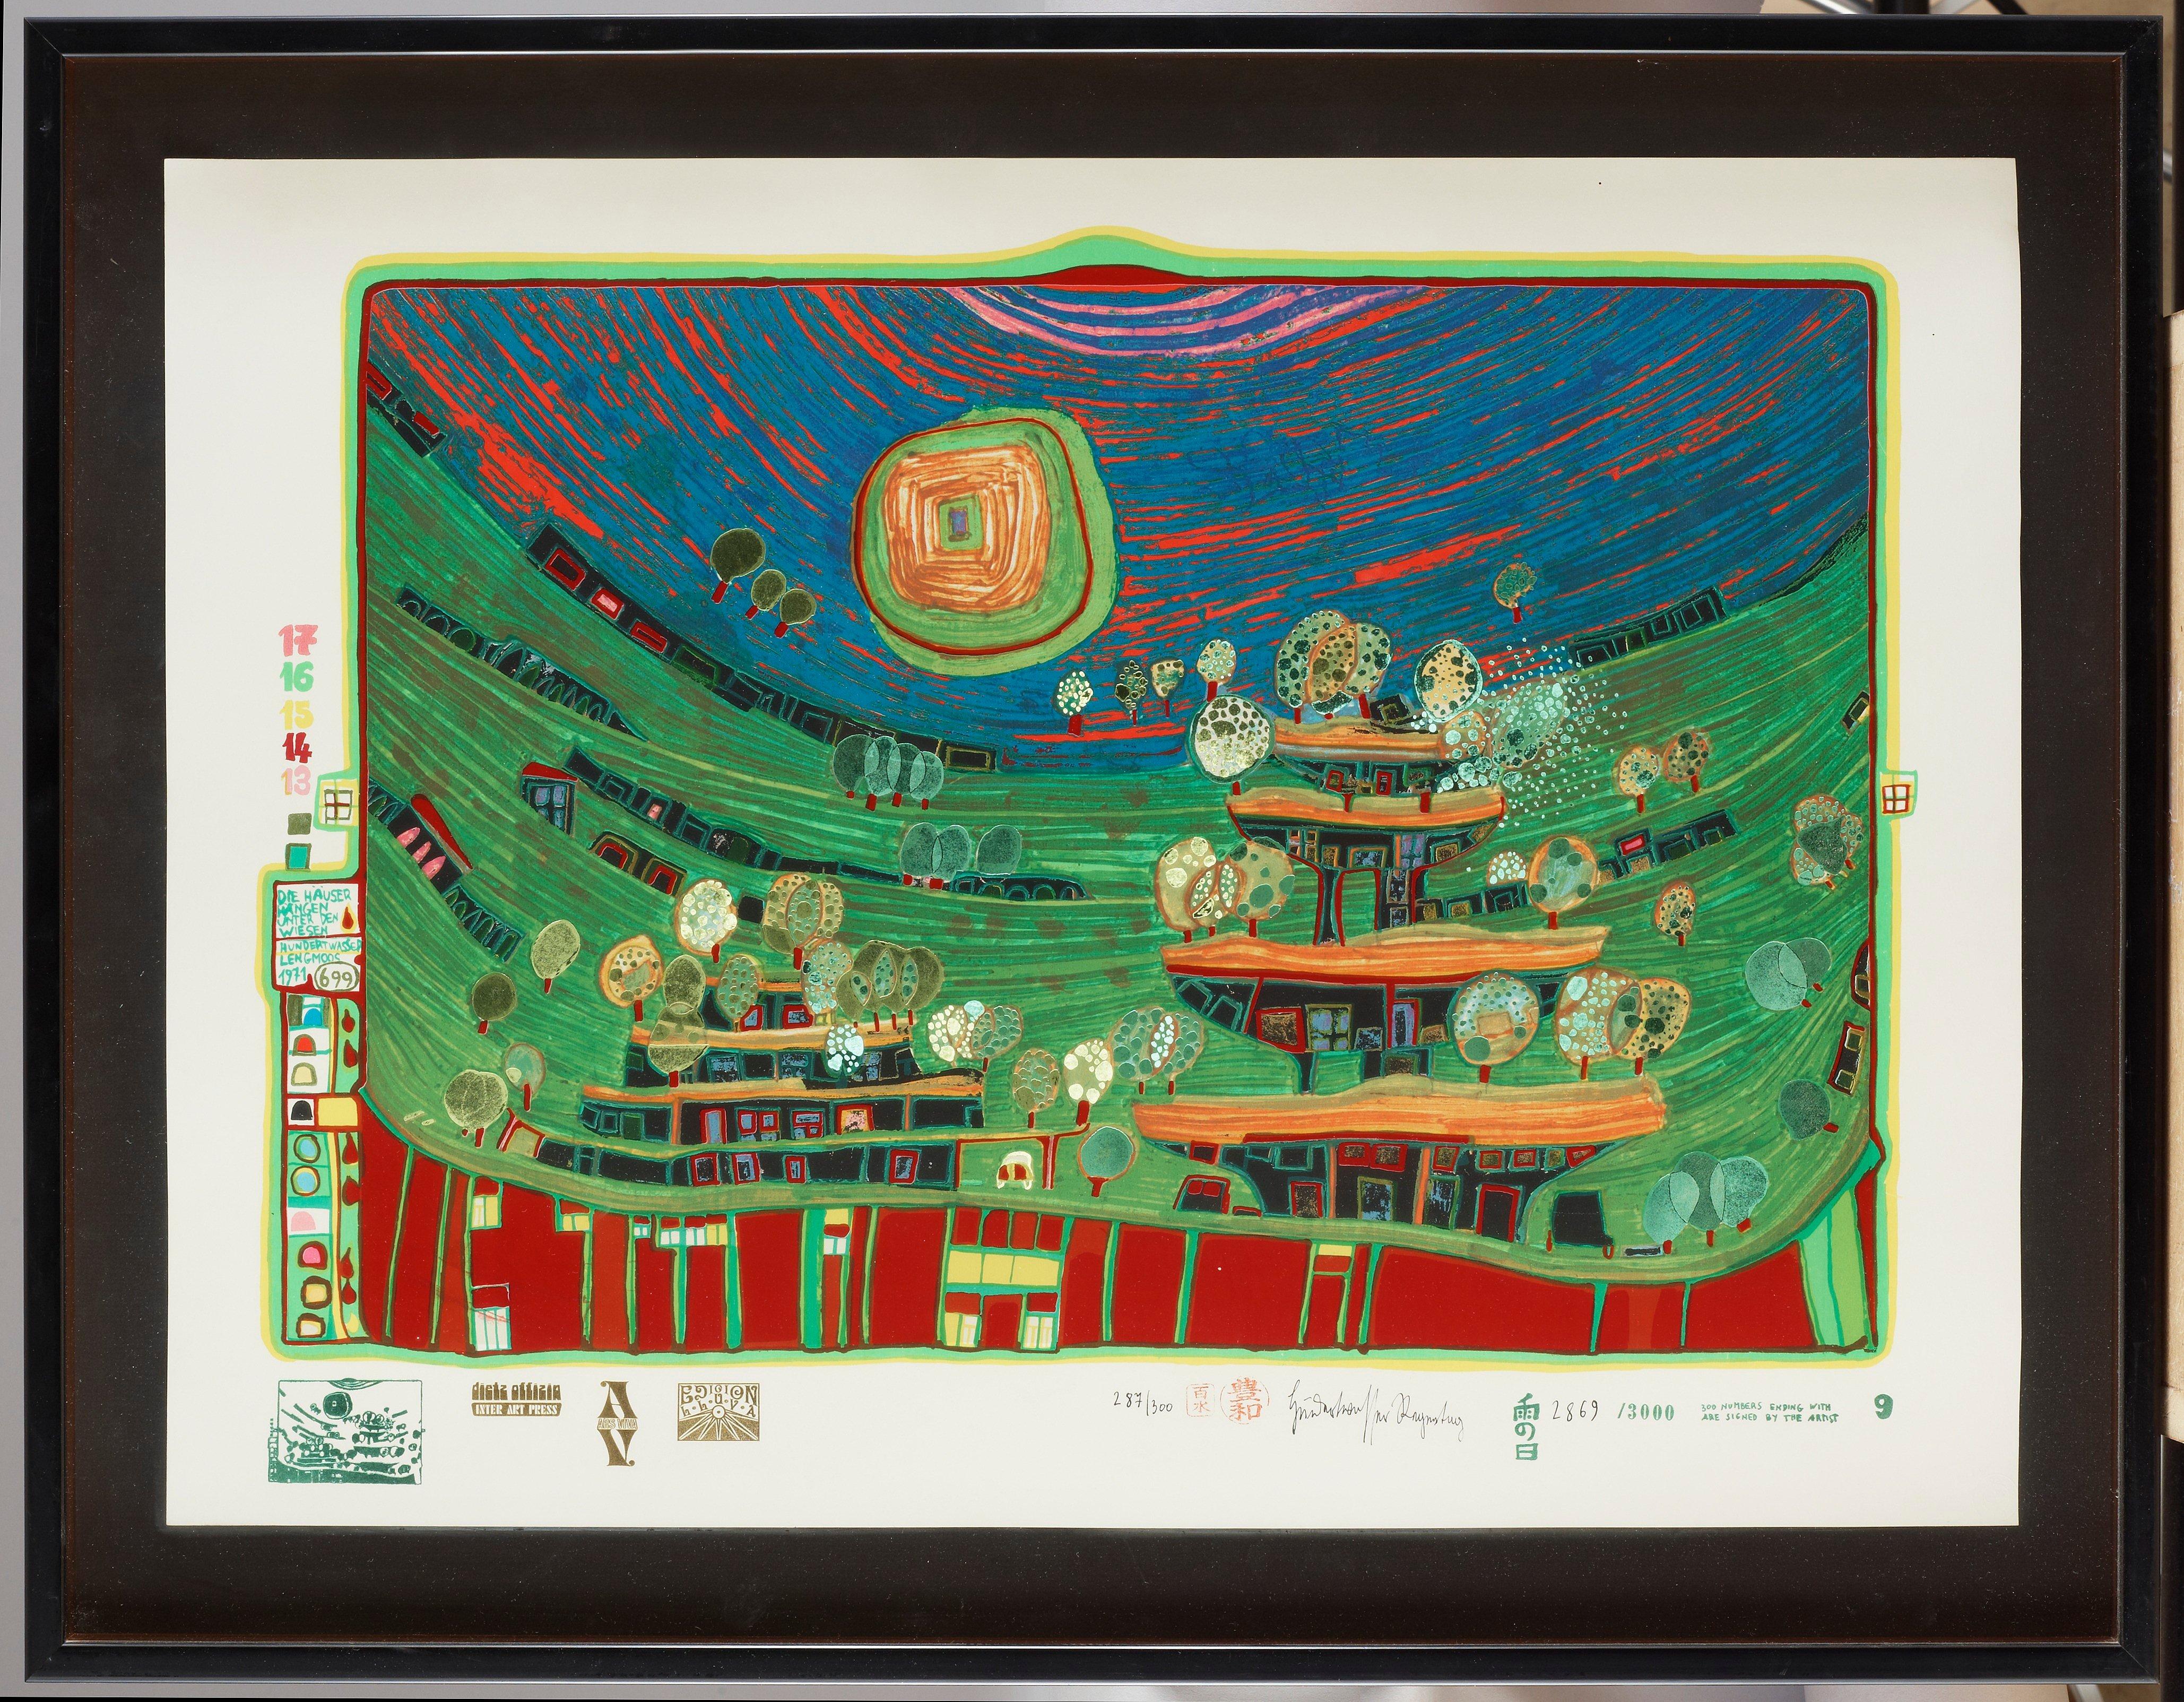 """Friedensreich Hundertwasser. (1928-2000). """"Look at it on a rainy day (The Regentag portfolio)"""""""